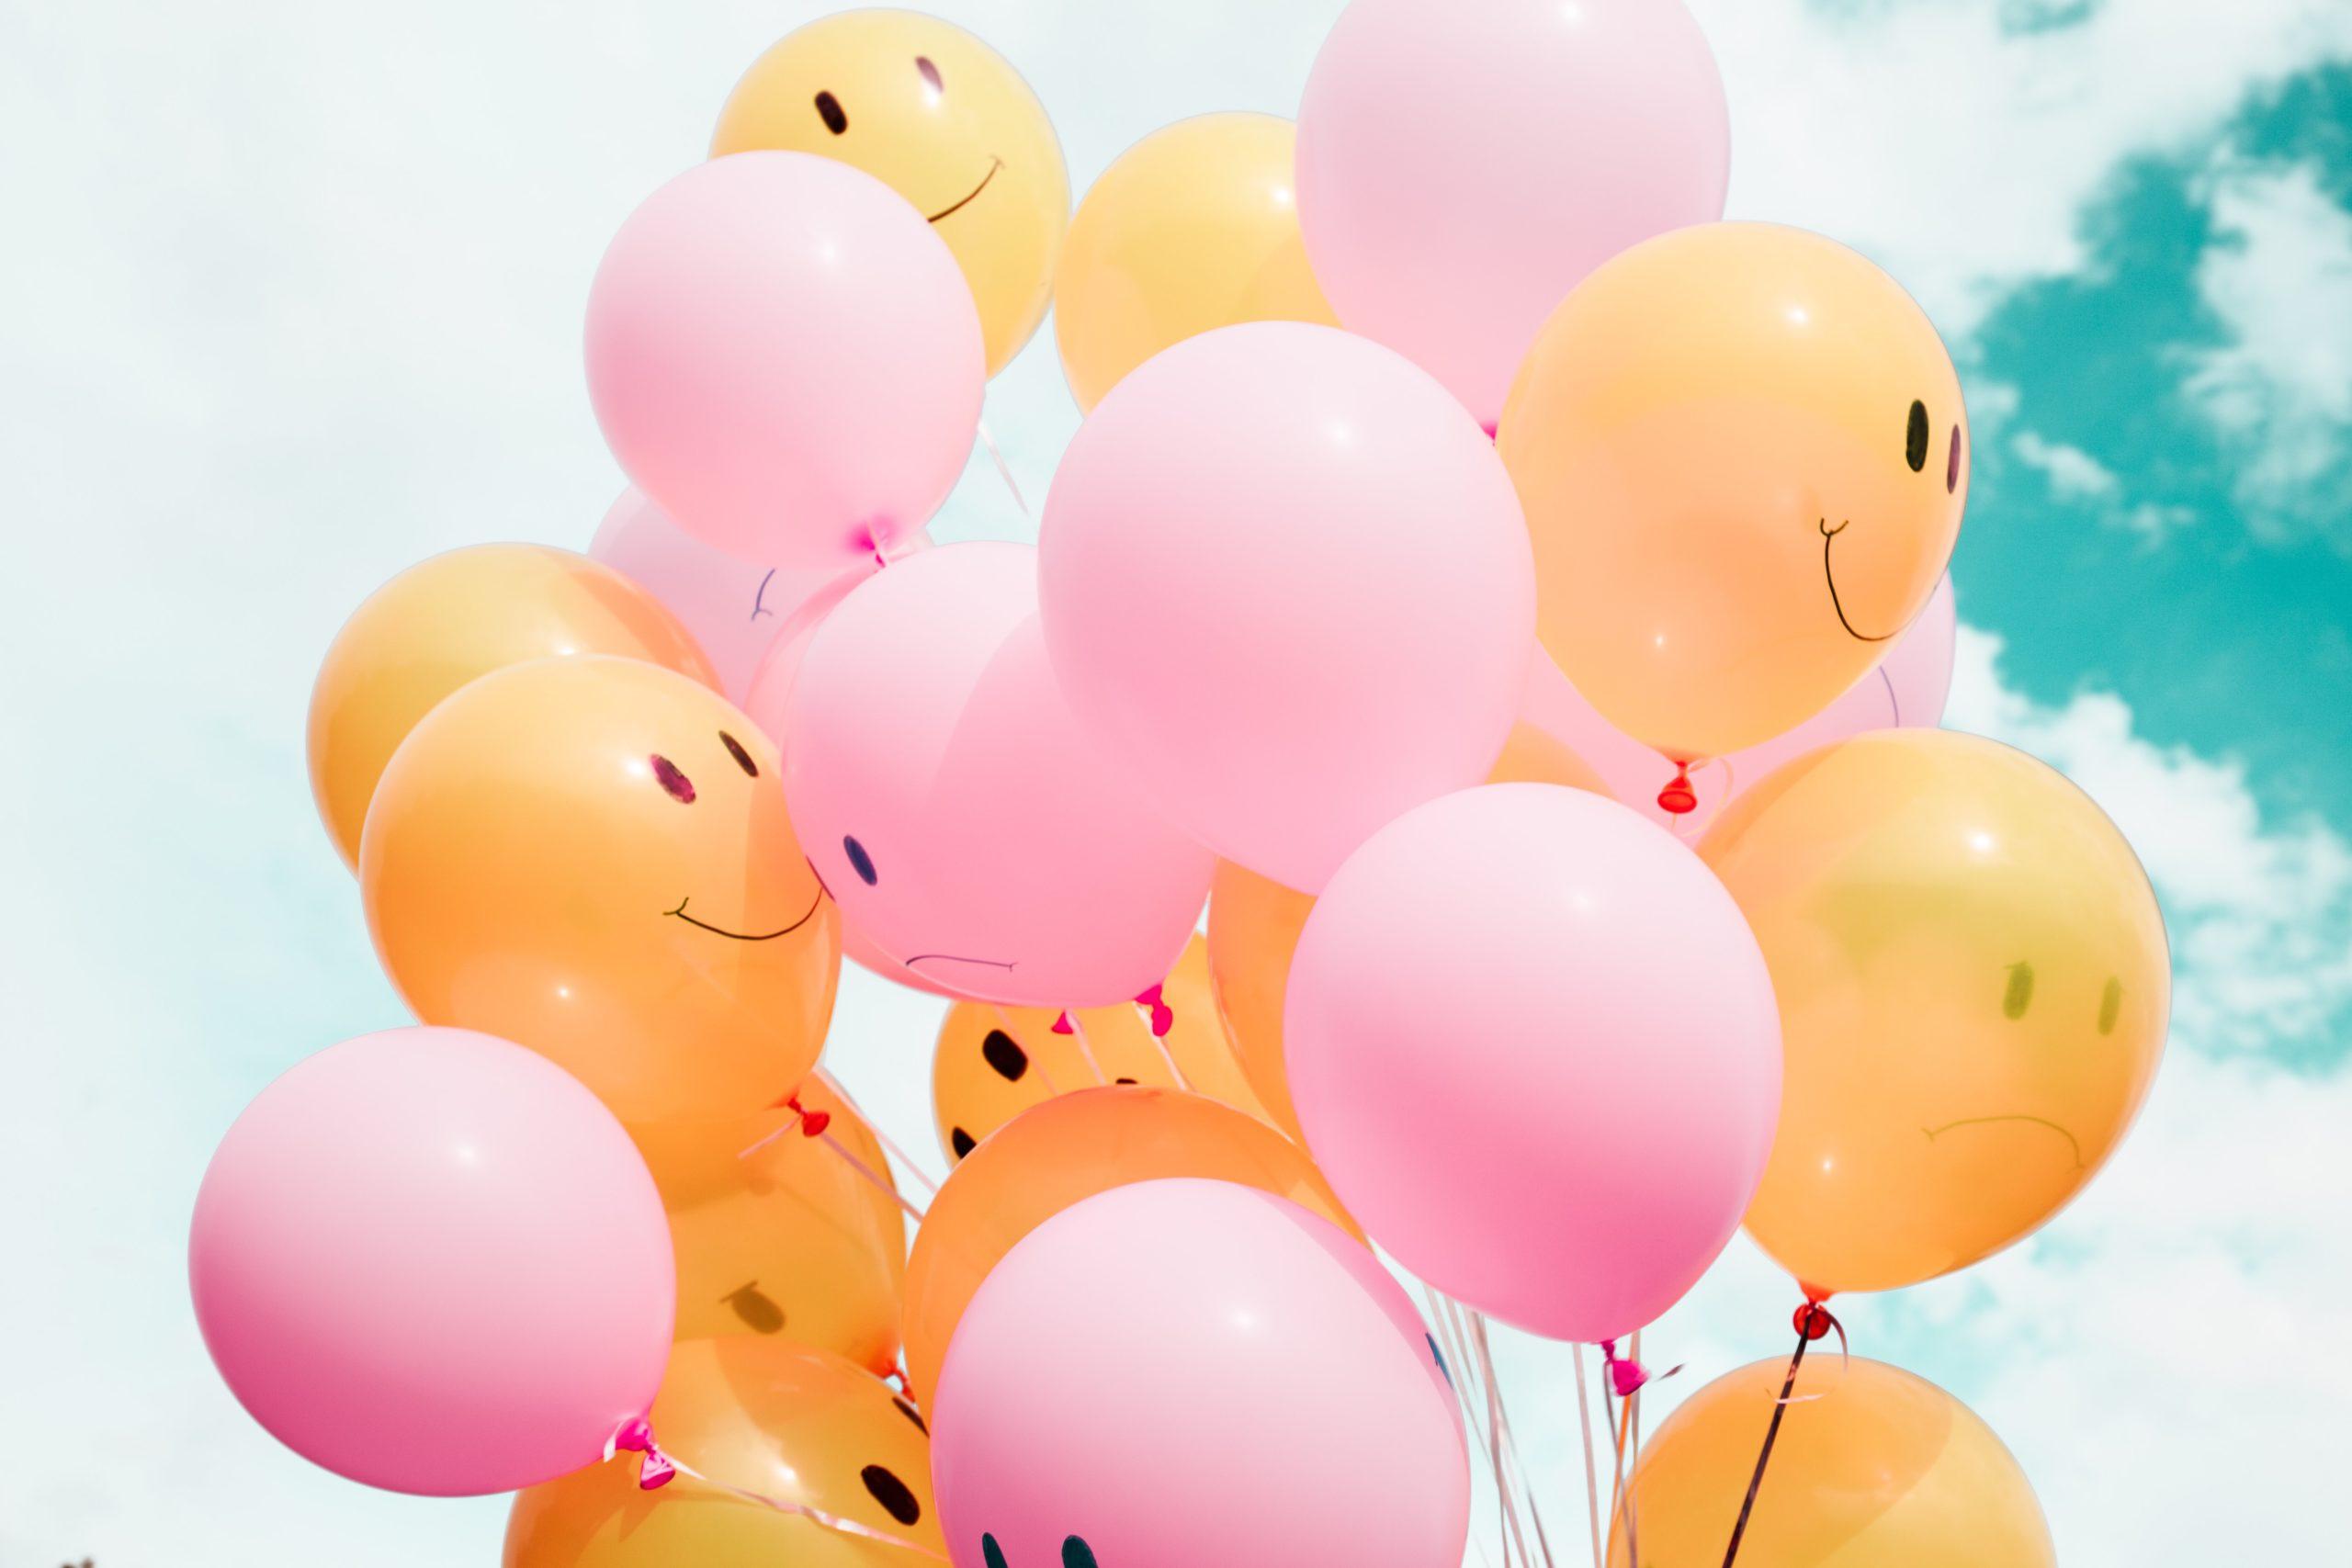 Luftballons mit Gesichtern